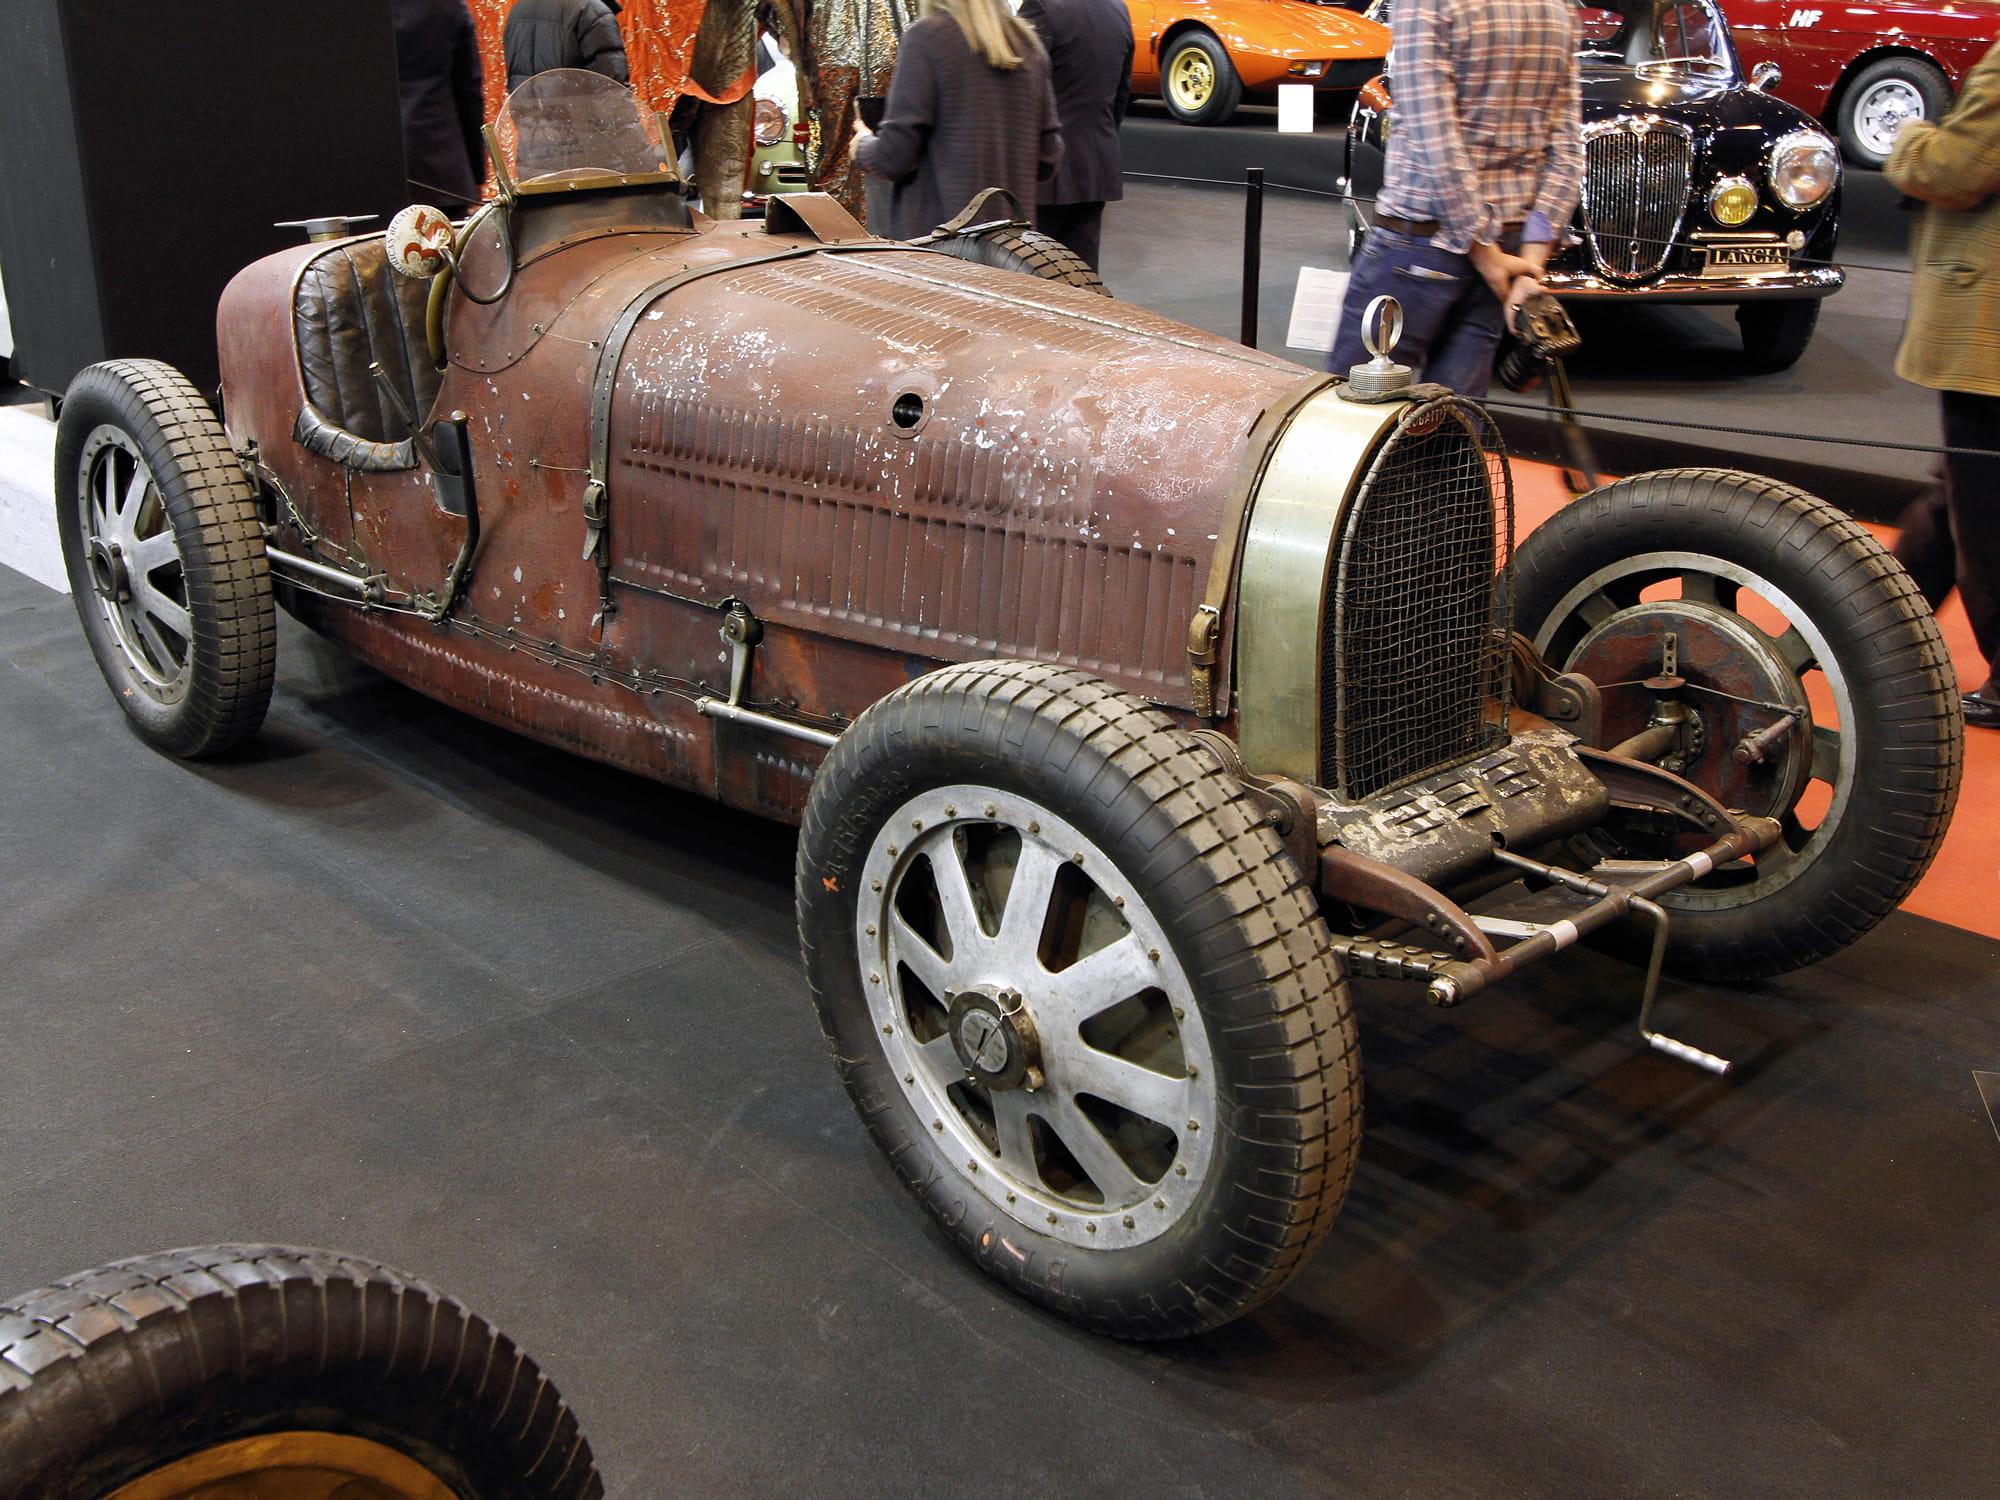 bugatti type 35 c grand prix. Black Bedroom Furniture Sets. Home Design Ideas